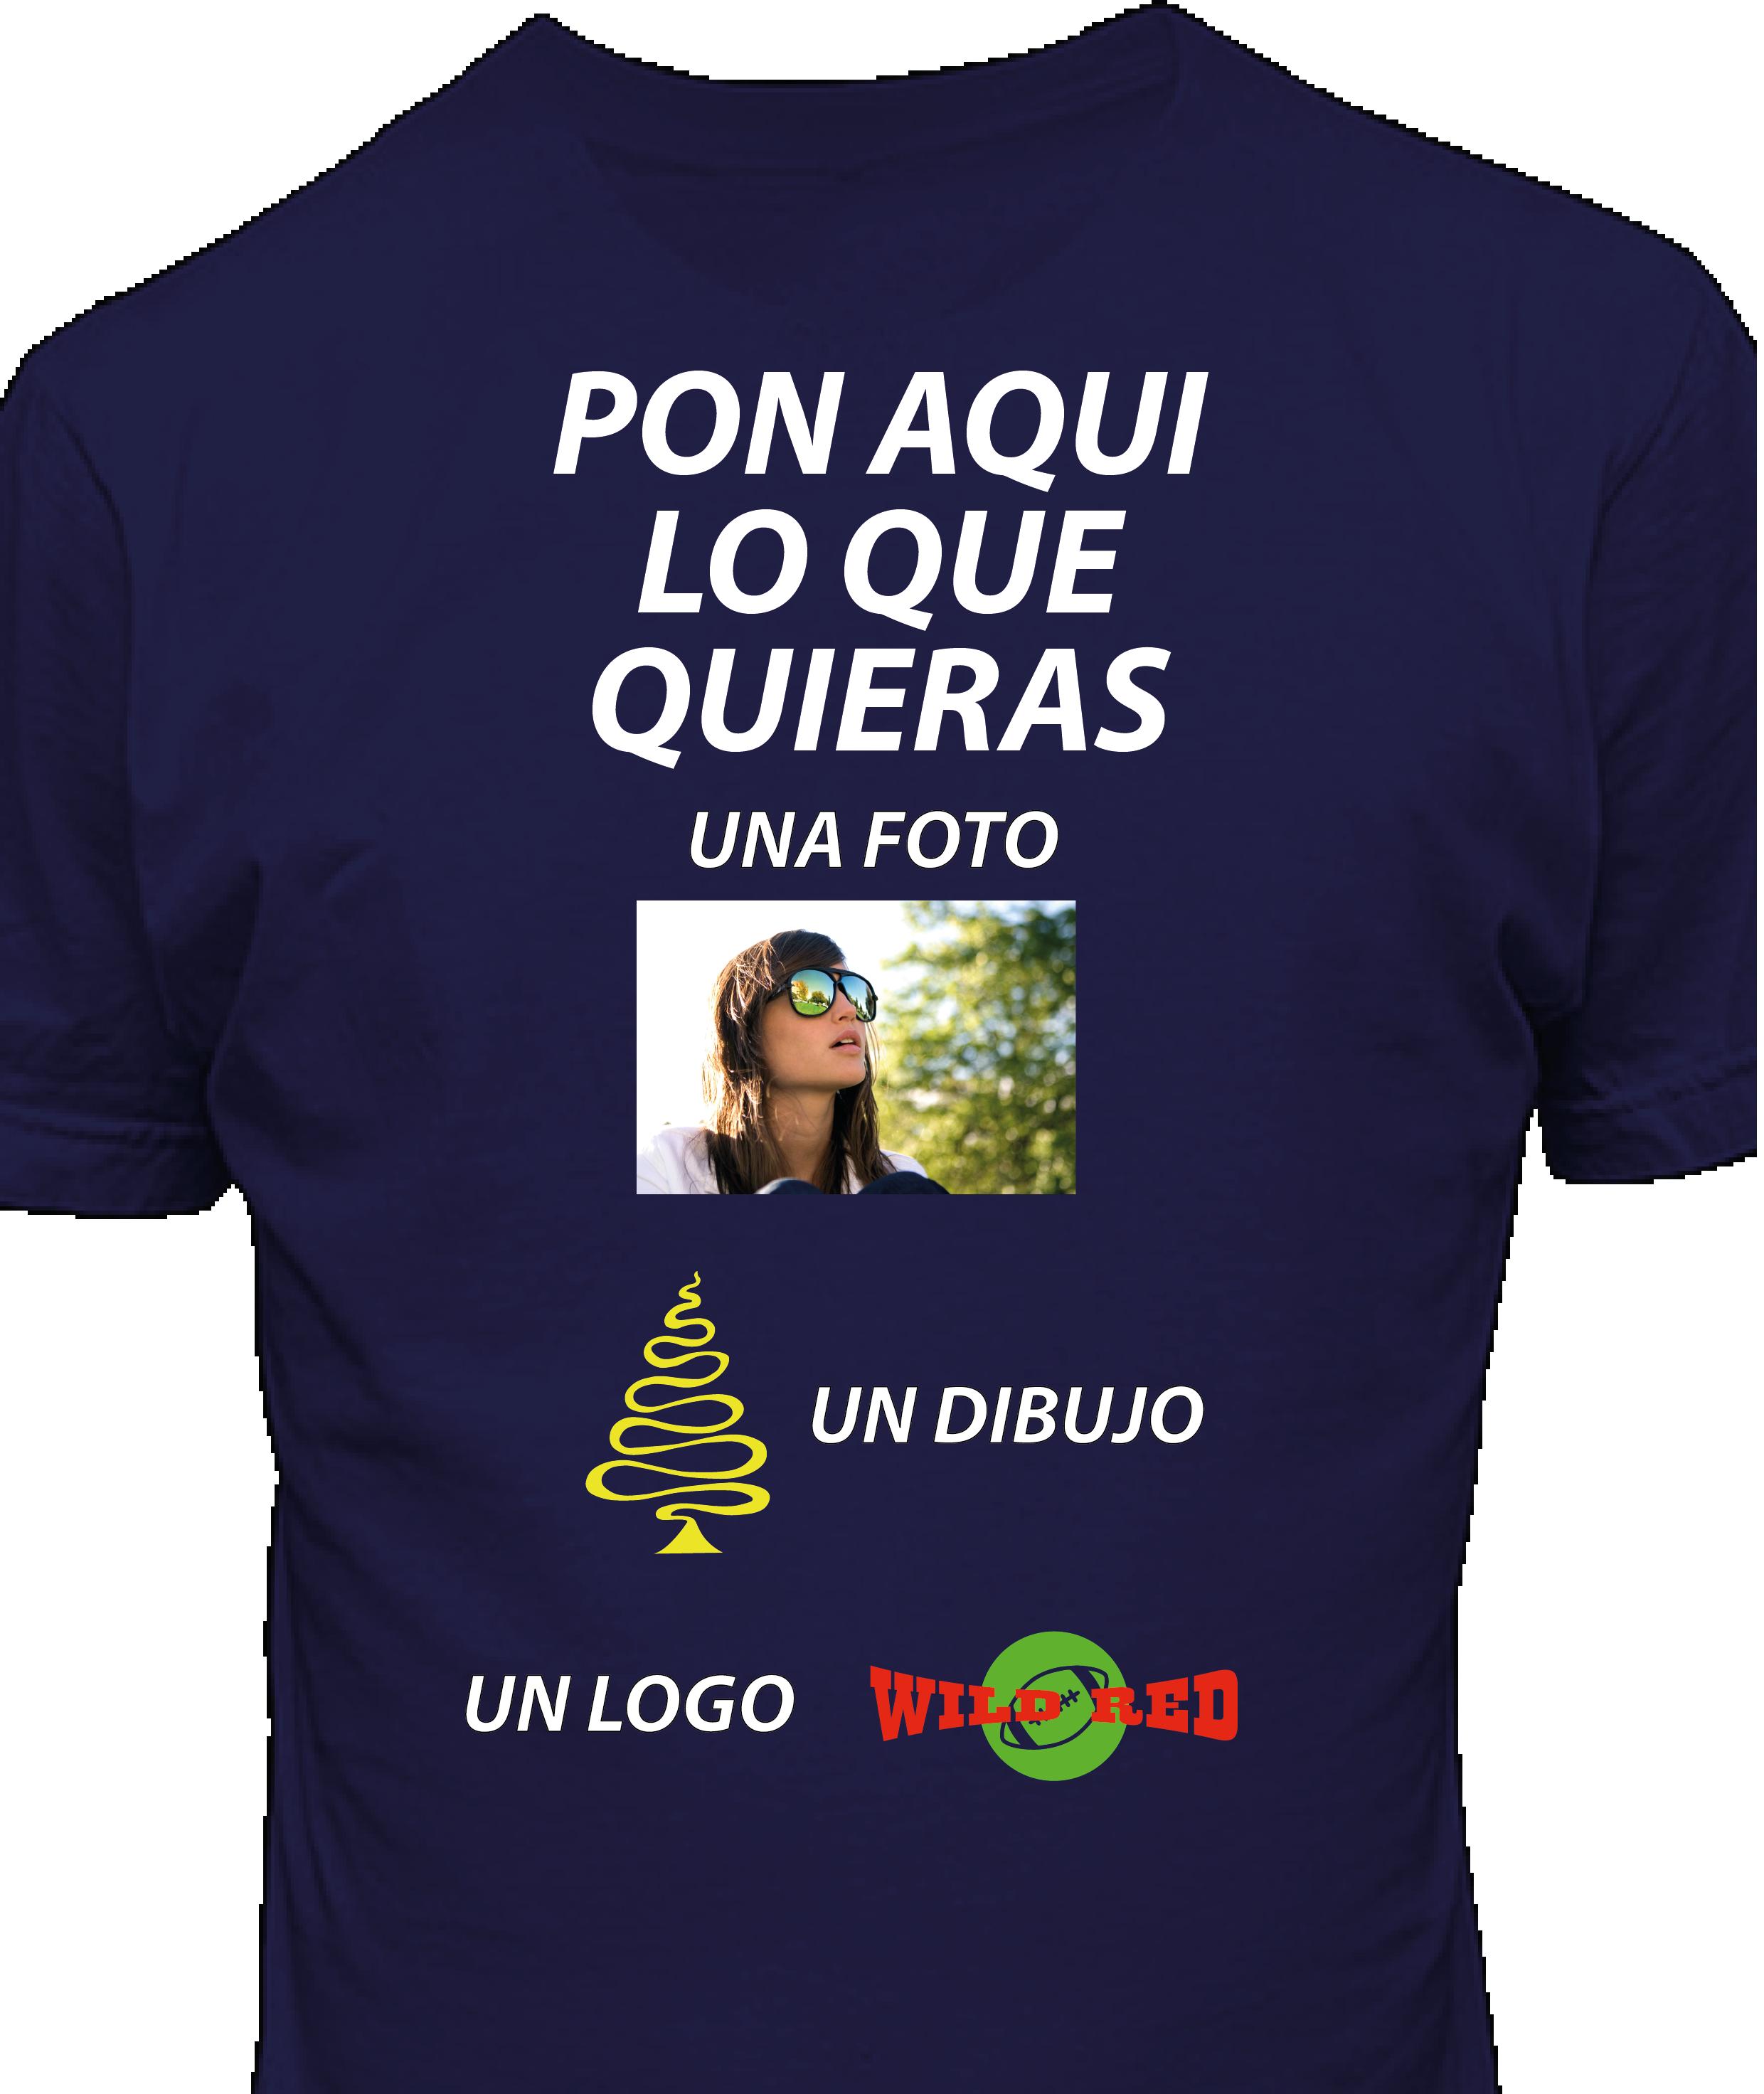 Camisetas Personalizadas  3a92c8a7551a4